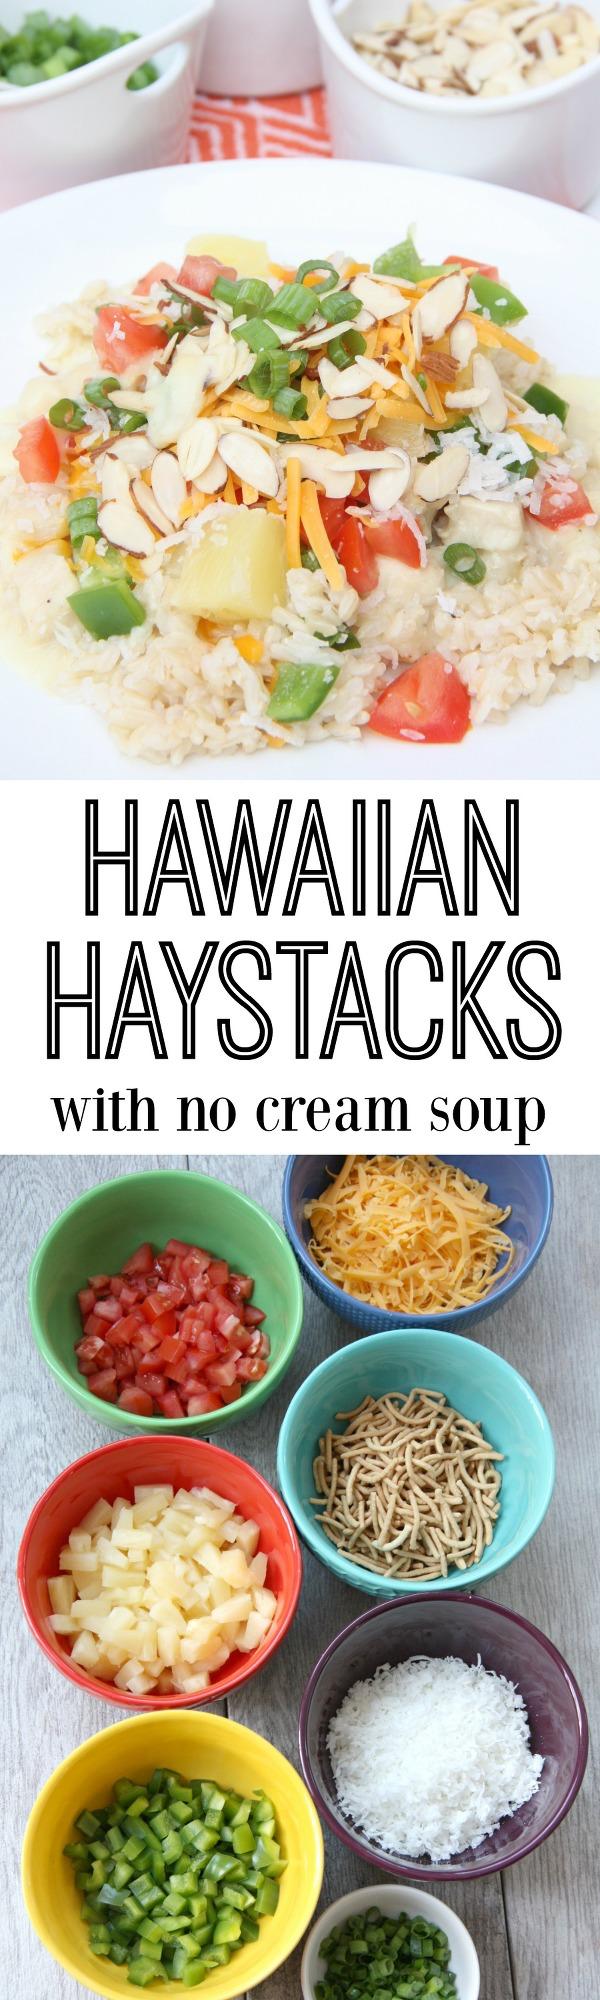 Hawaiian Haystacks with no cream soup